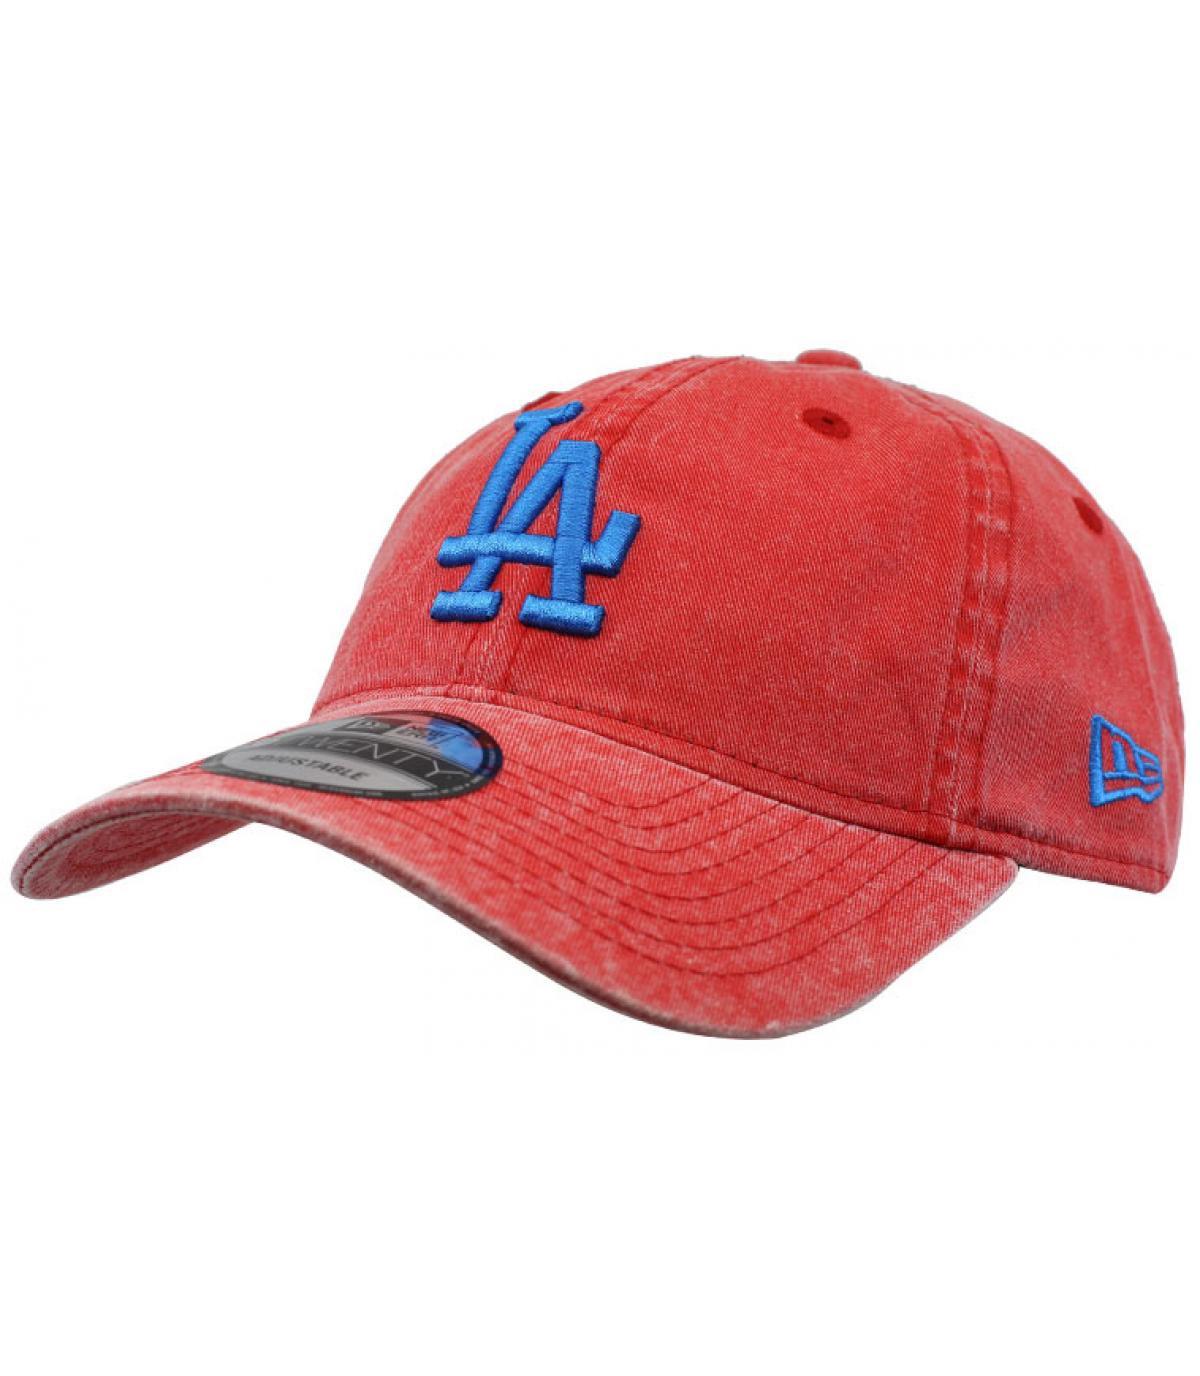 a6ae8a7f Dad hat - Headict